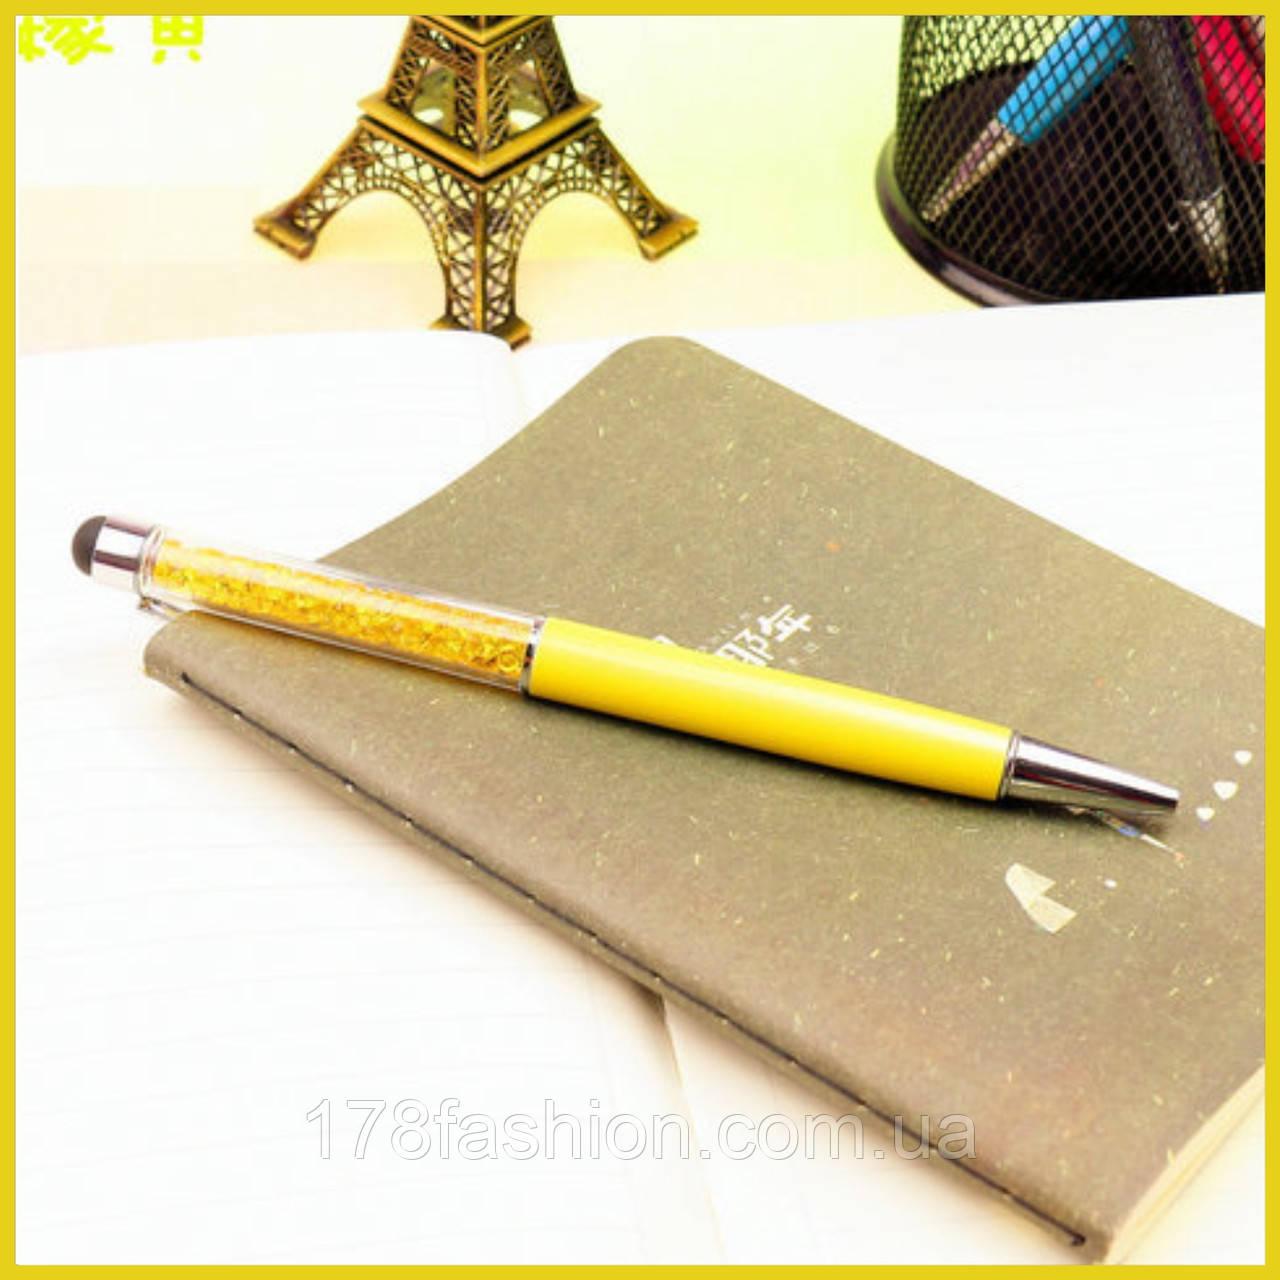 Роскошный подарок шариковая ручка-стилус желтая с желтыми кристаллами